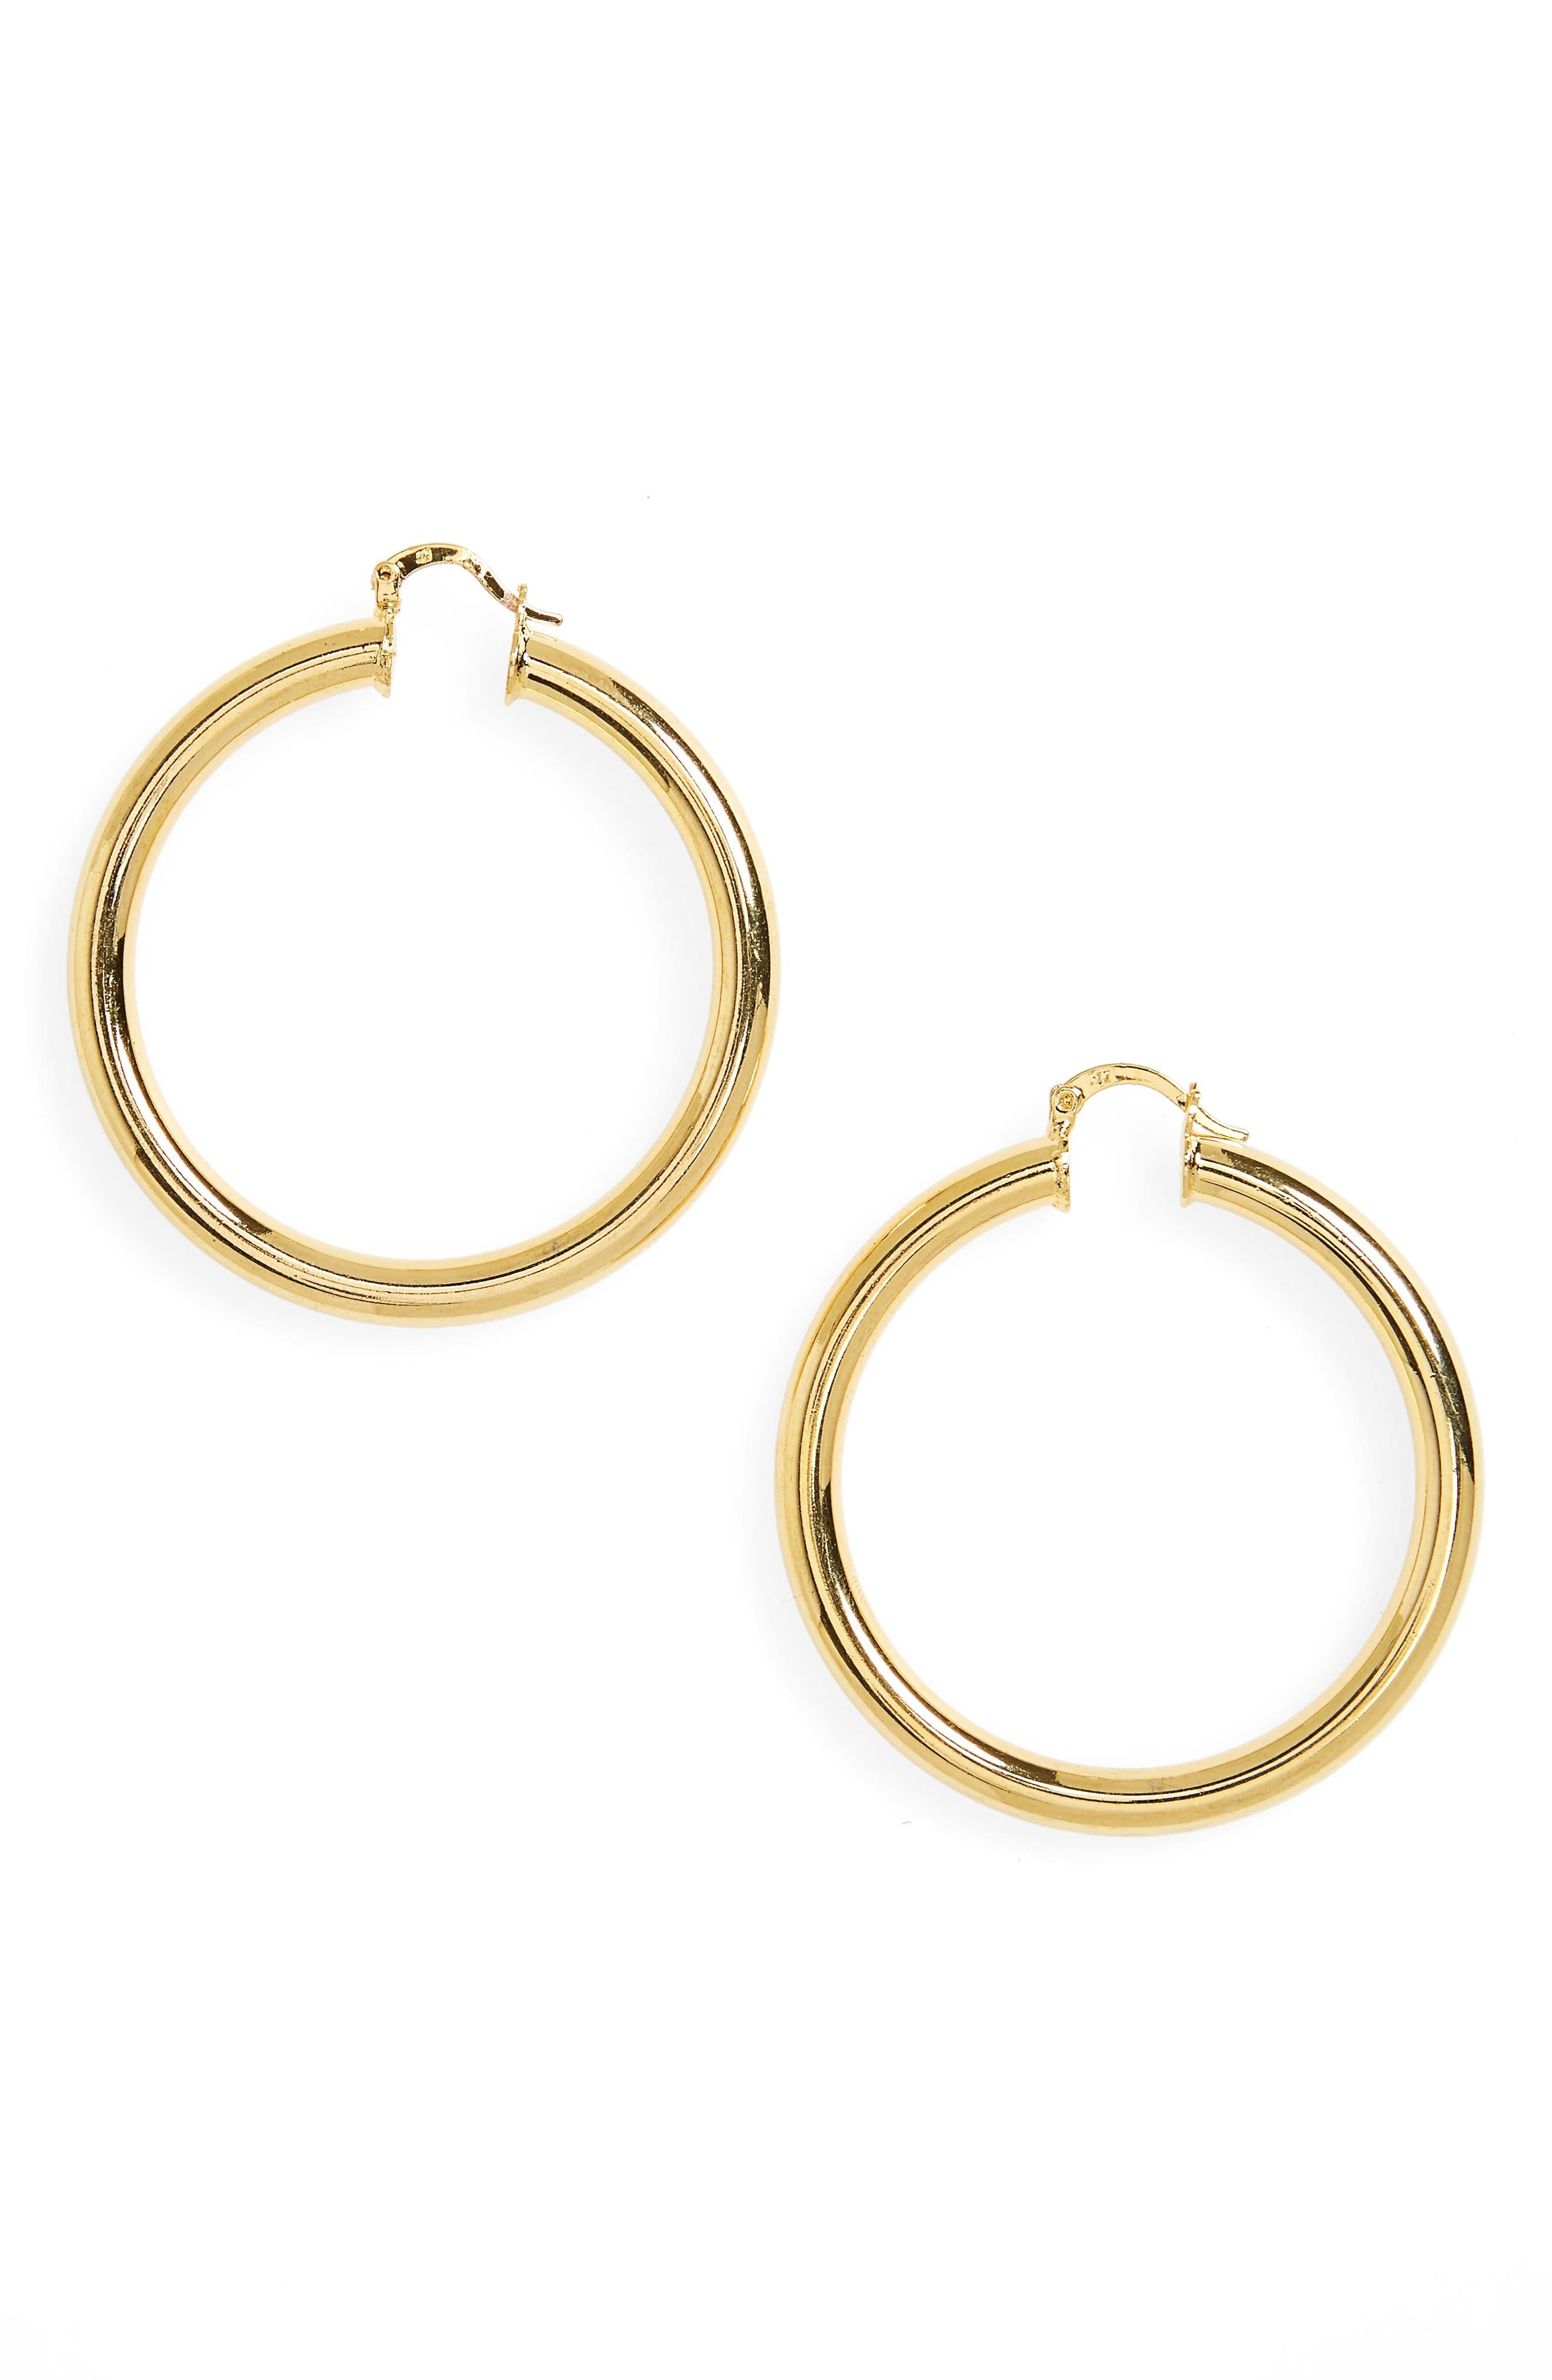 Main Image - Melody Ehsani Sade Medium Hoop Earrings